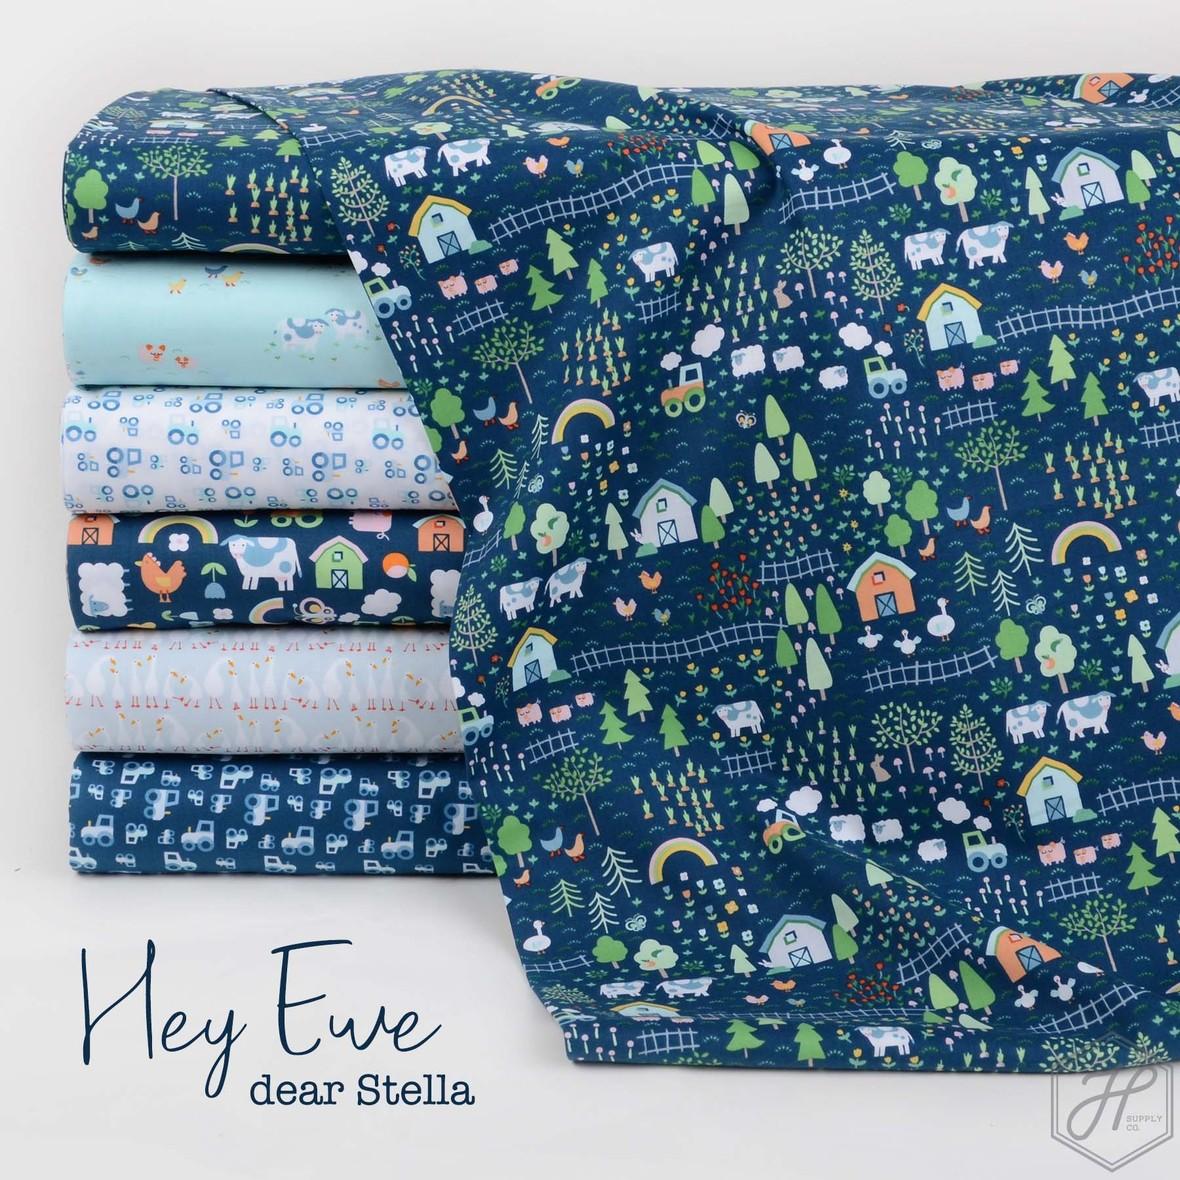 Hey Ewe Dear Stella fabric at Hawthorne Supply Co